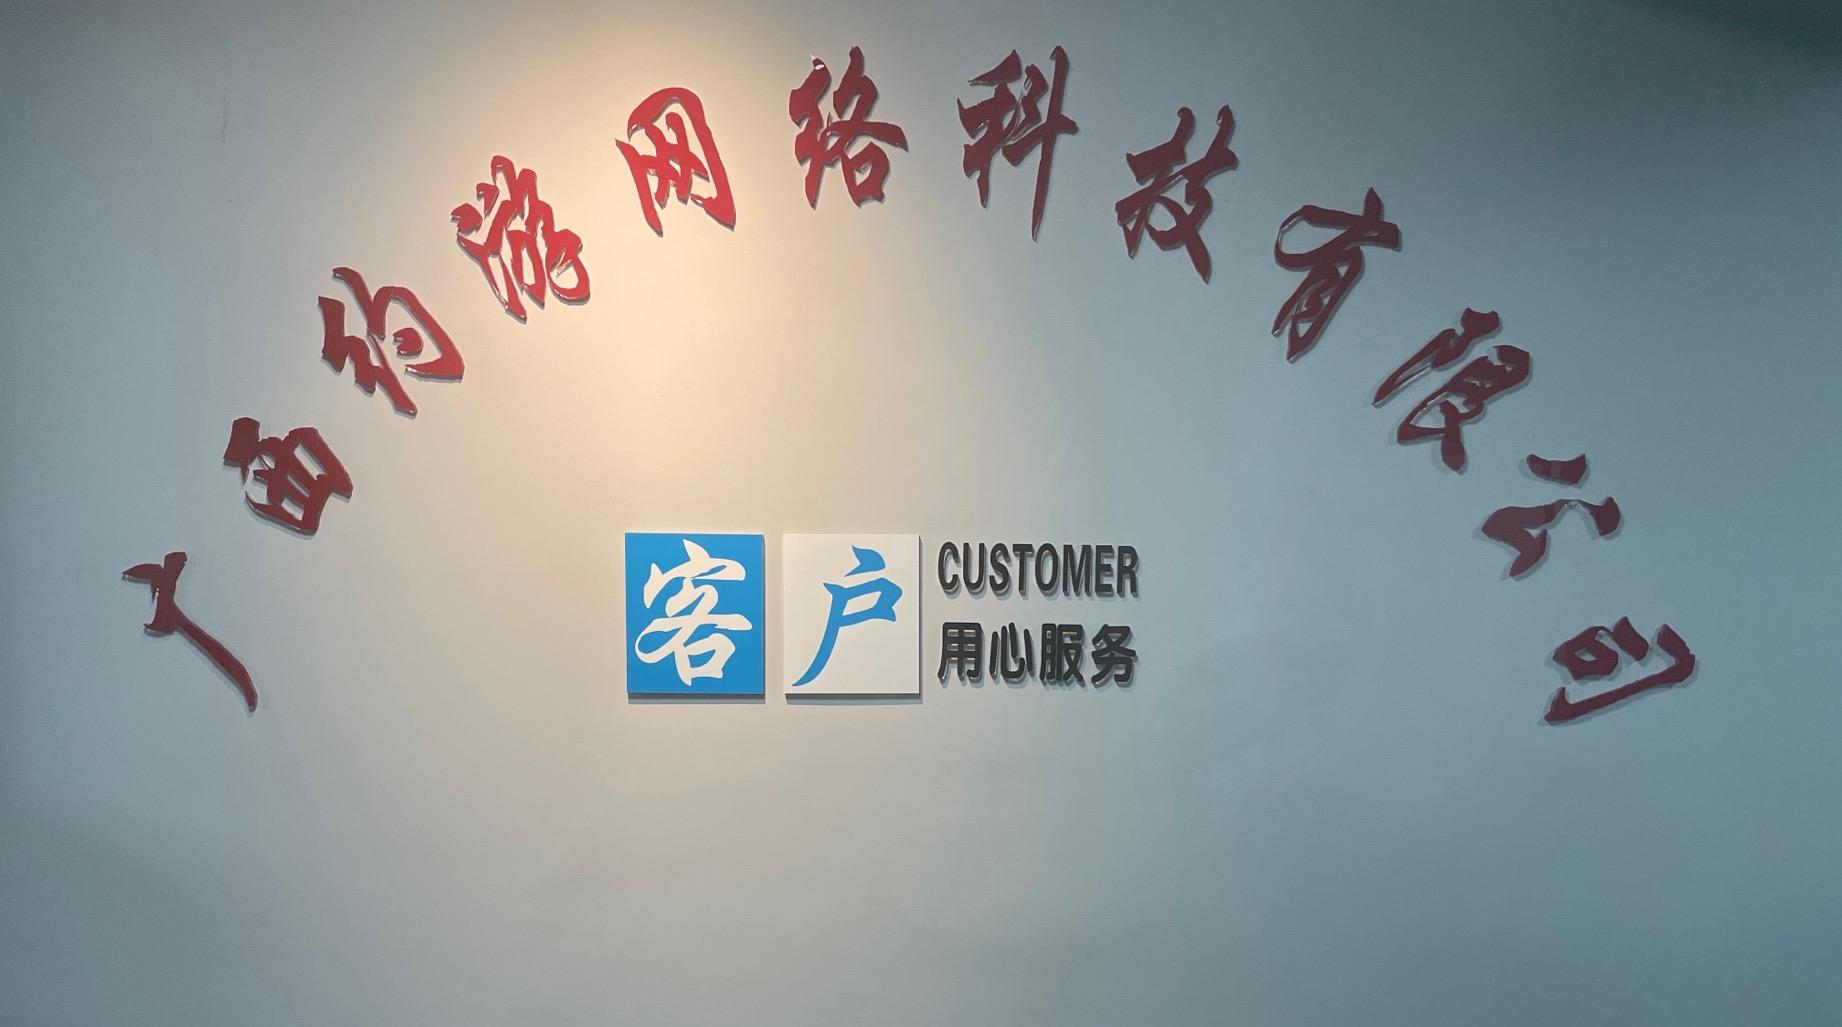 广西约游网络科技有限公司